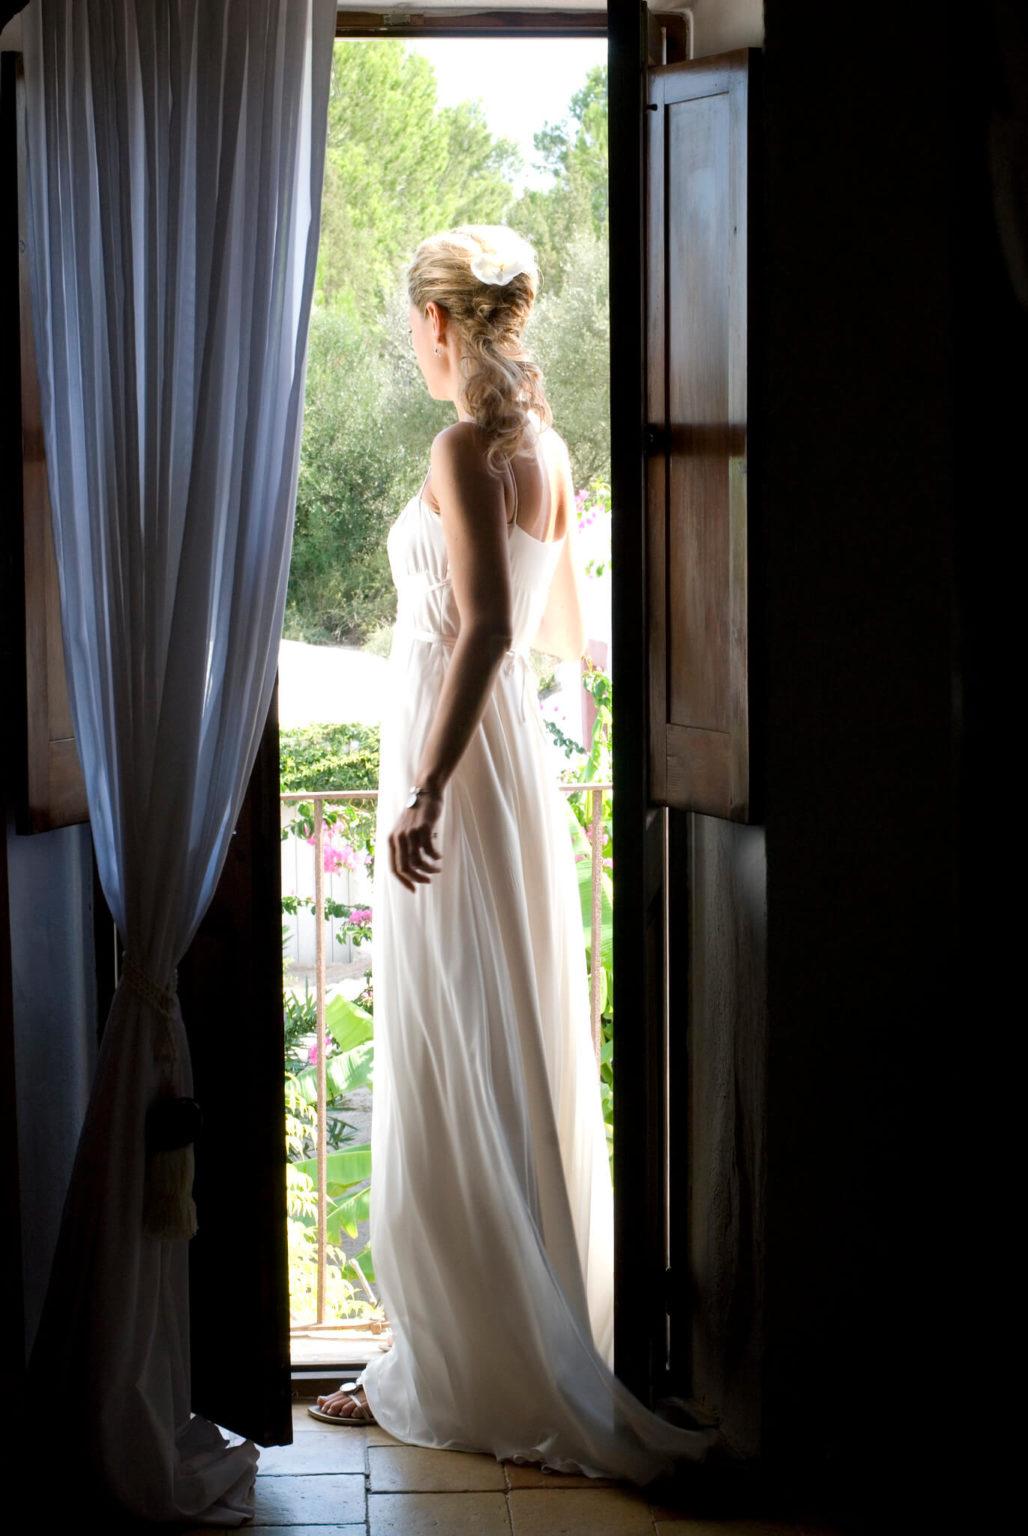 https://www.white-ibiza.com/wp-content/uploads/2020/03/ibiza-wedding-photographer-gypsy-westwood-2020-09-1028x1536.jpg